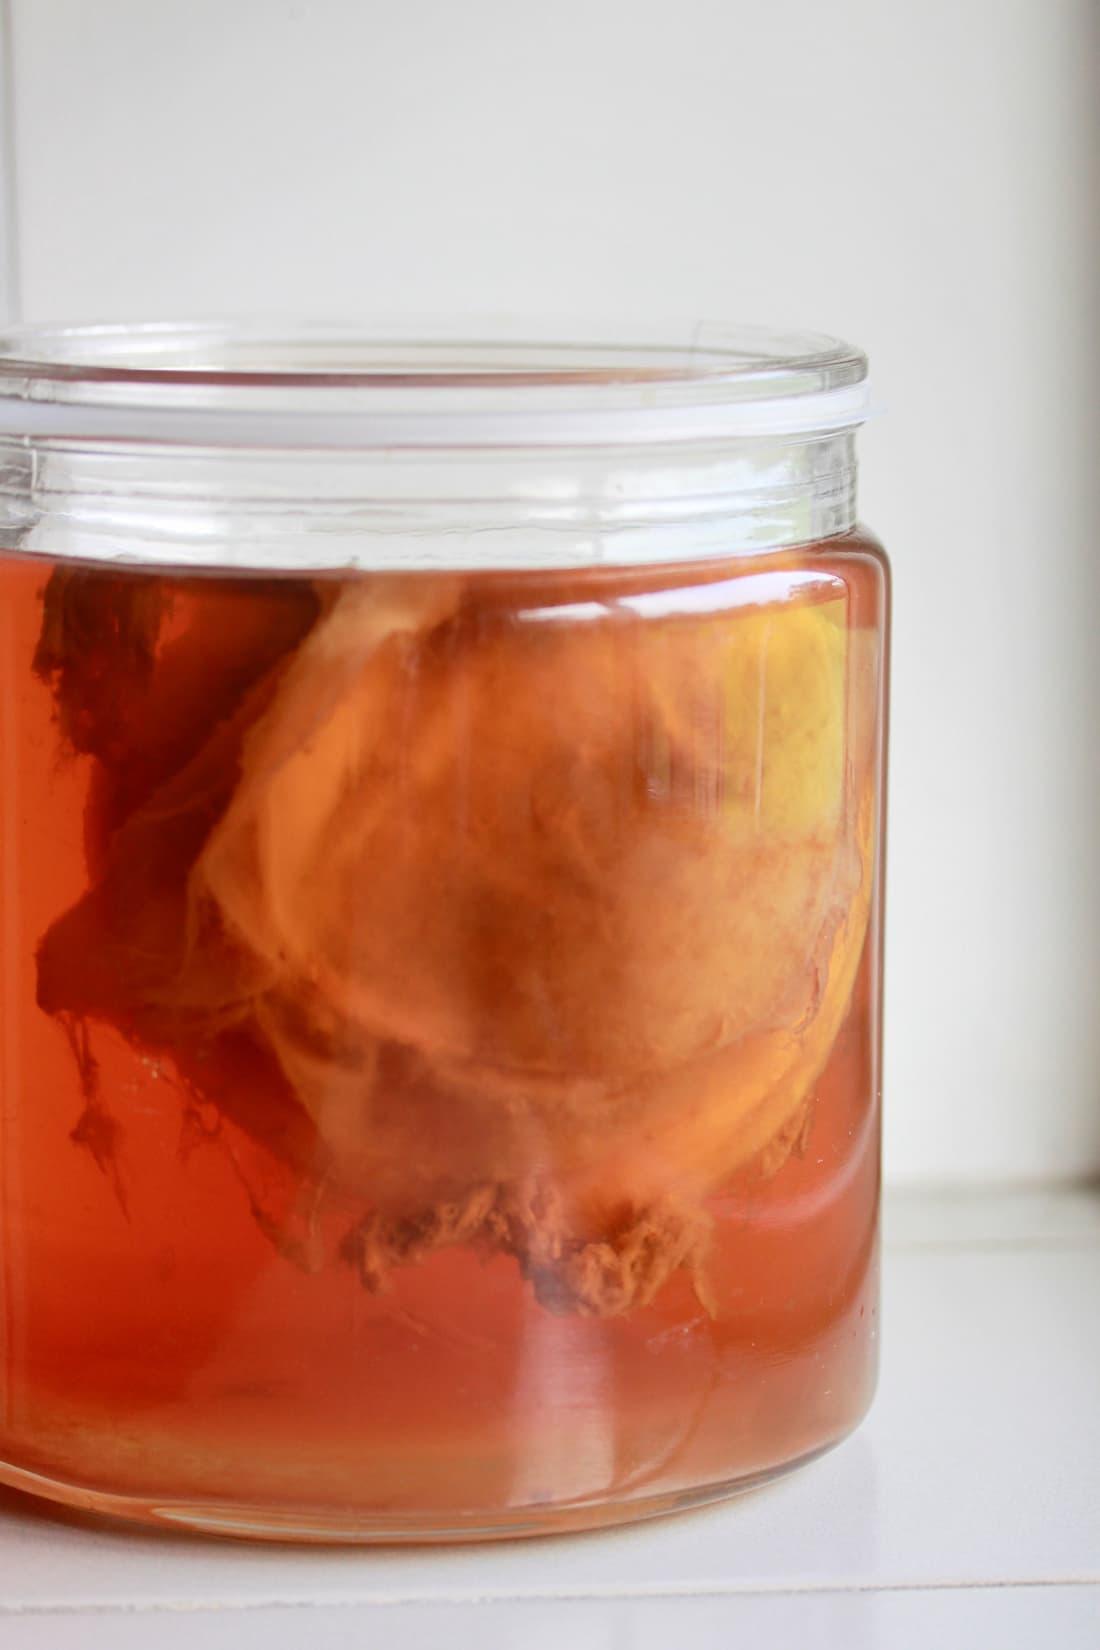 S.C.O.B.Y. floating in a jar of brewing kombucha